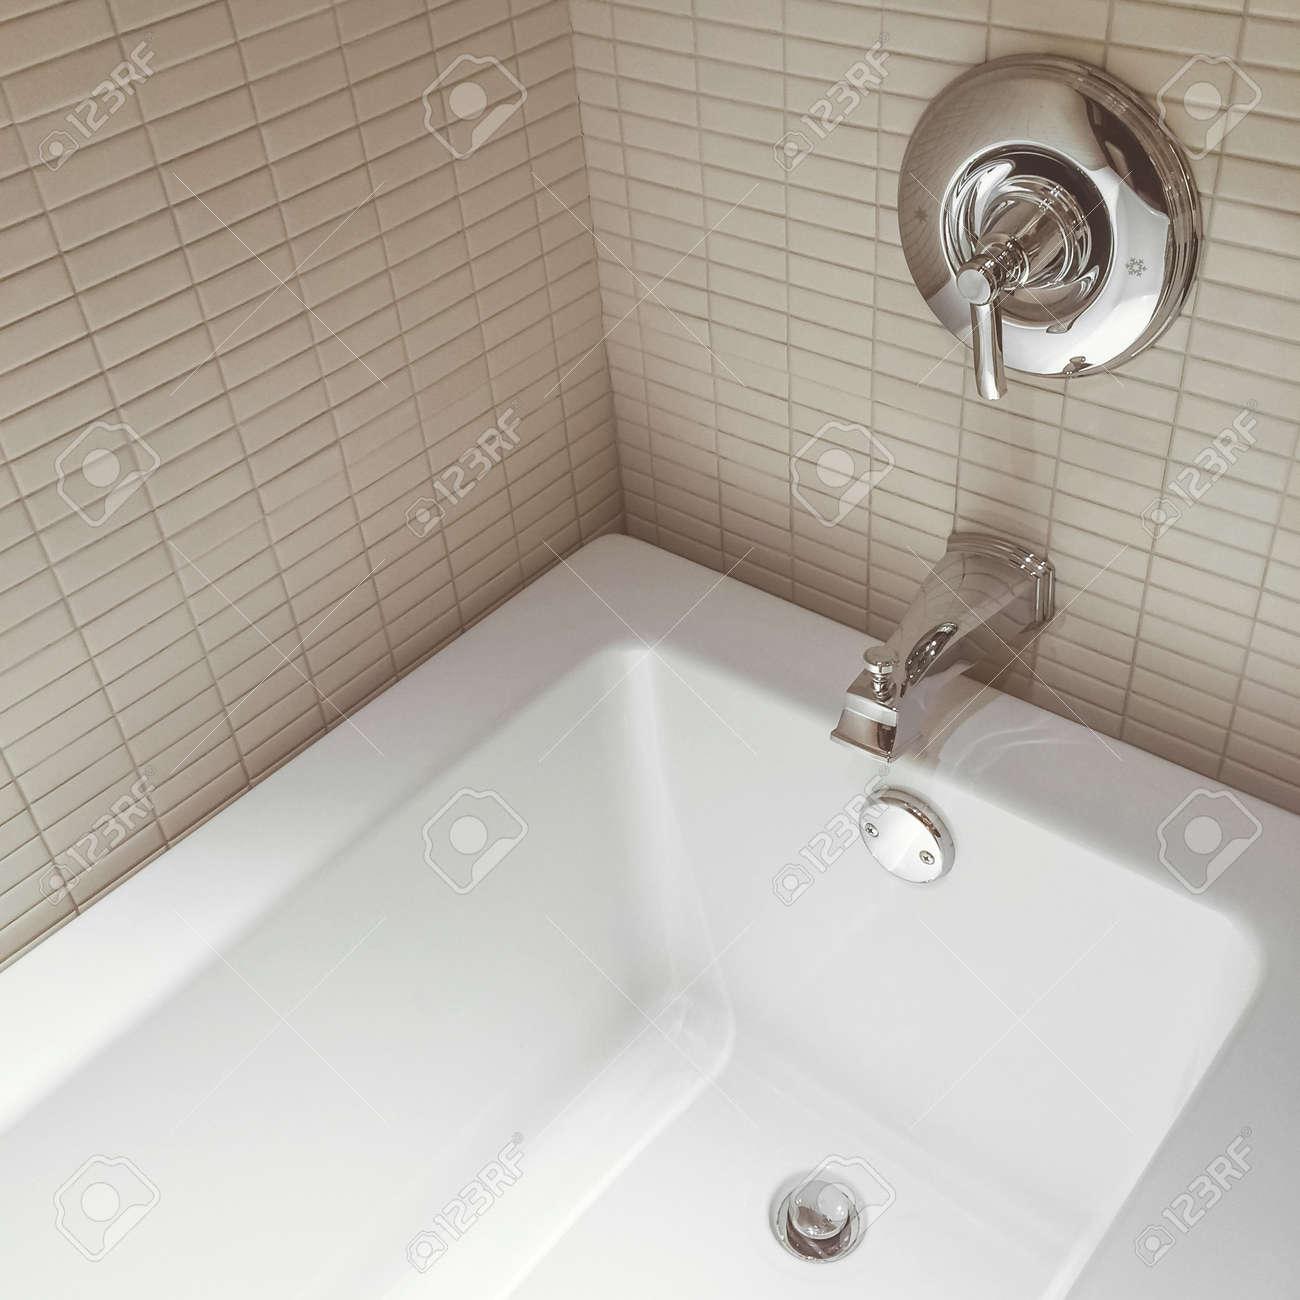 Nuevo cuarto de baño moderno, con grifos cromados y paredes de azulejos de  cerámica.